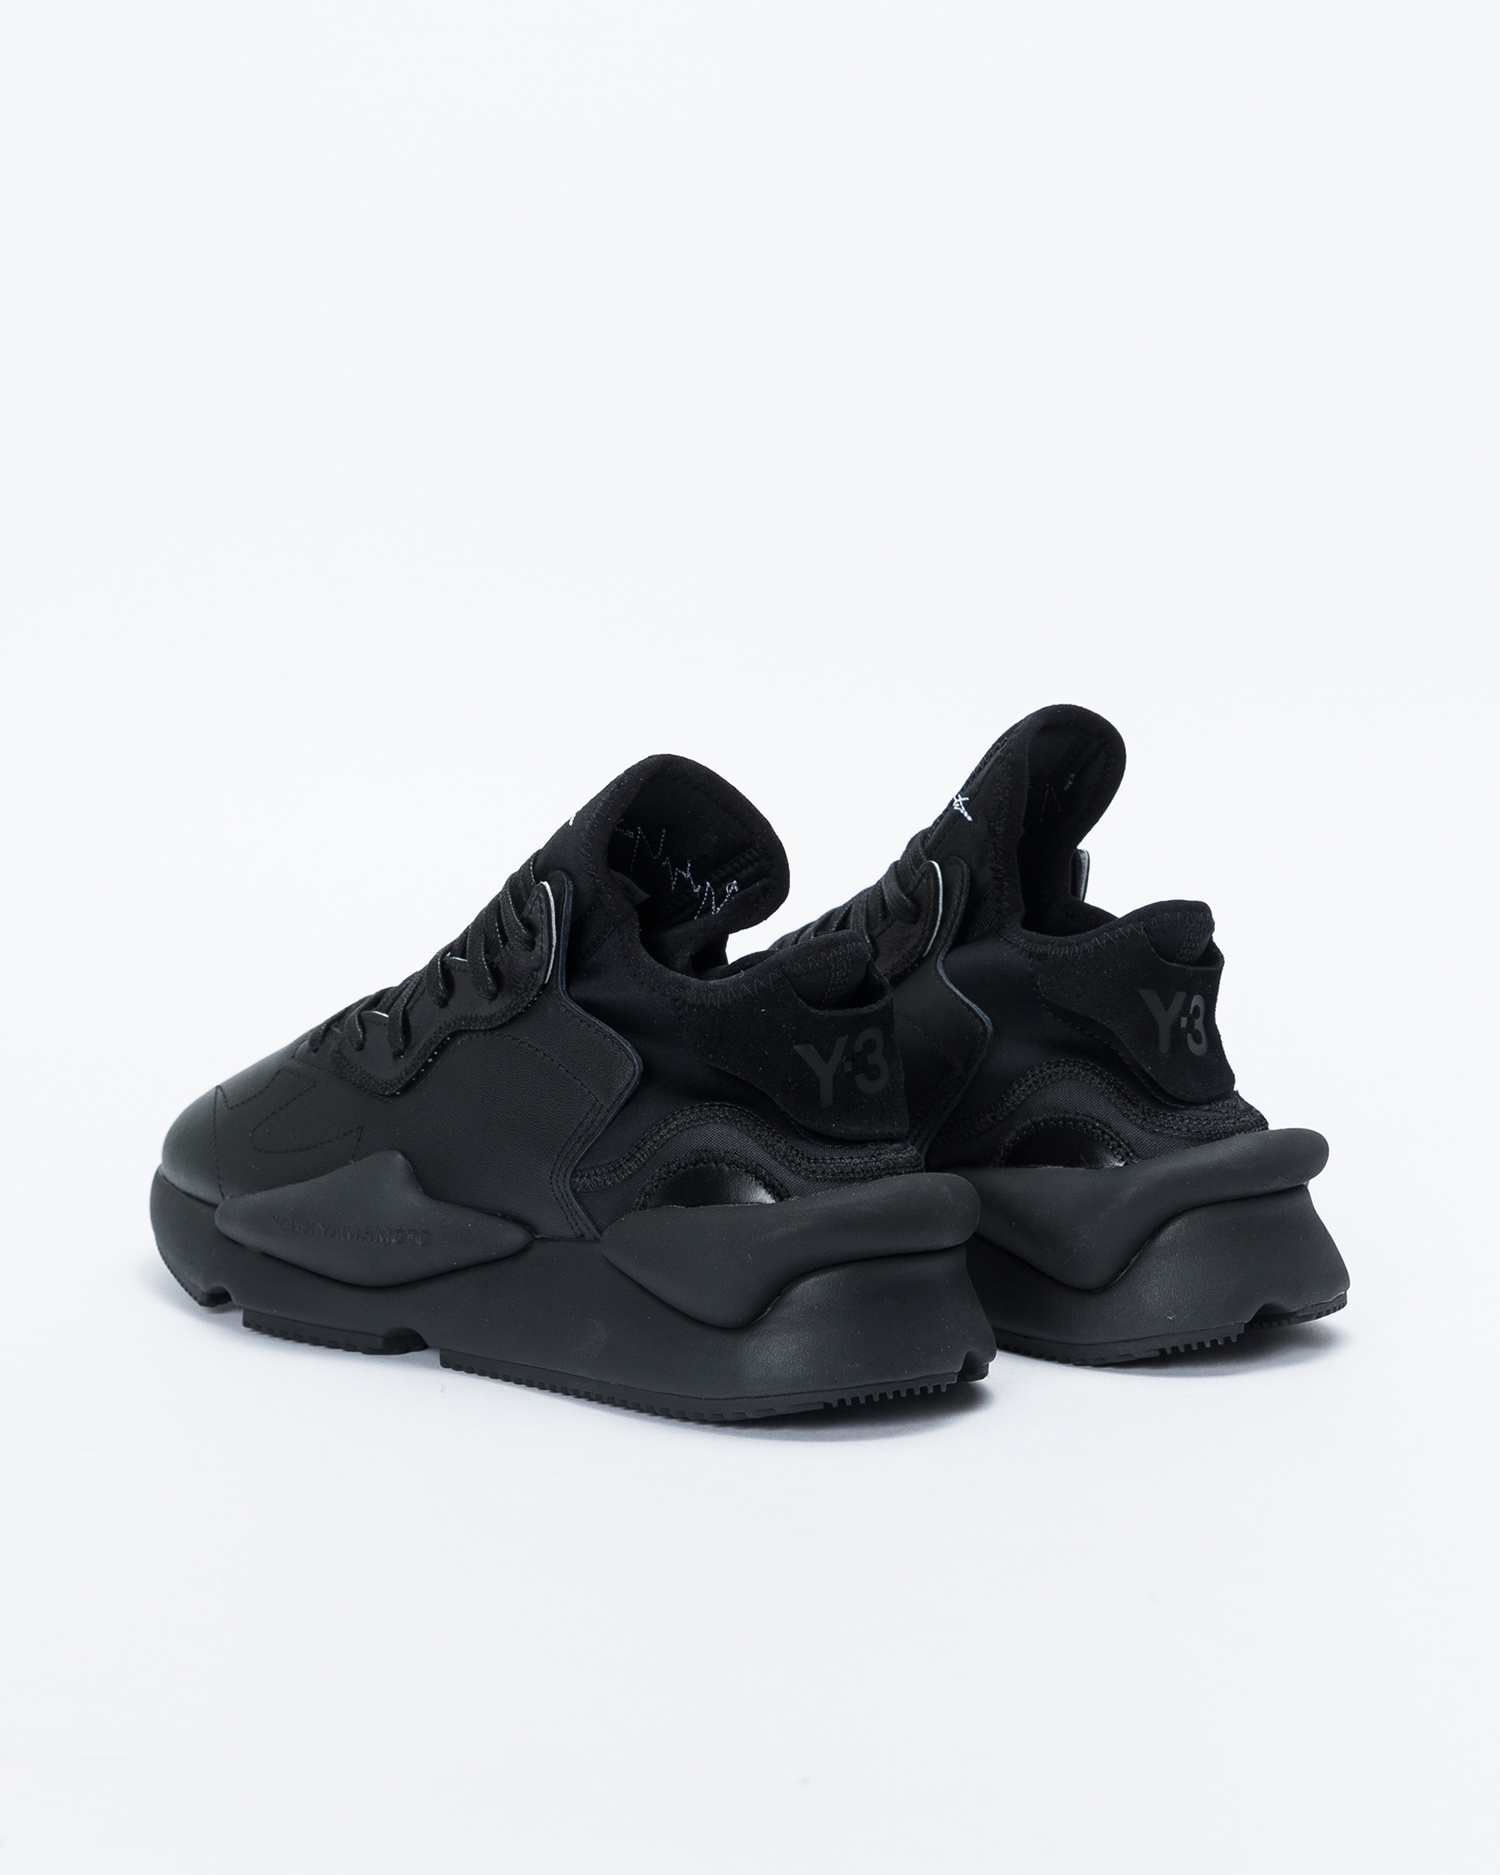 Adidas Y-3 KAIWA Black Y-3/Black Y-3/Ftwr White